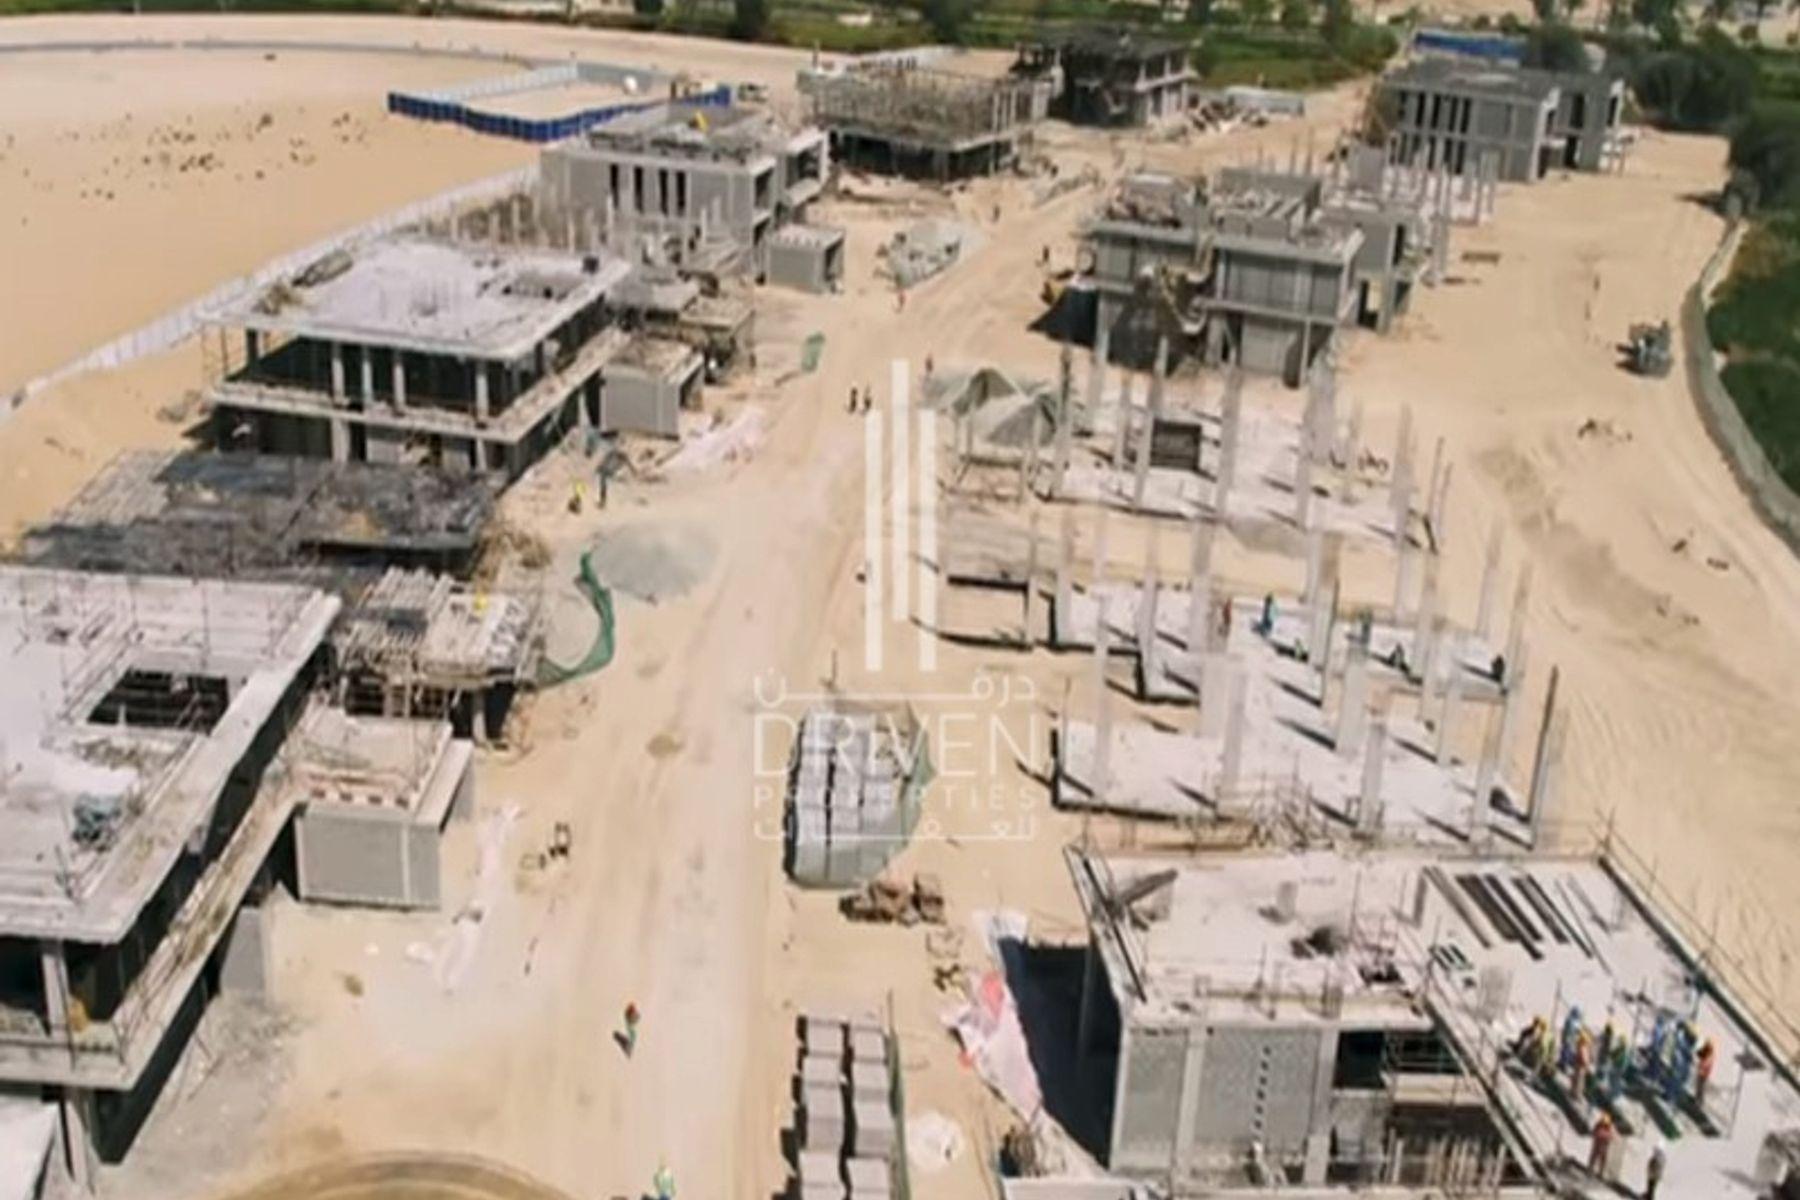 للبيع - أرض سكنية - فيرواي فيستاز - دبي هيلز استيت